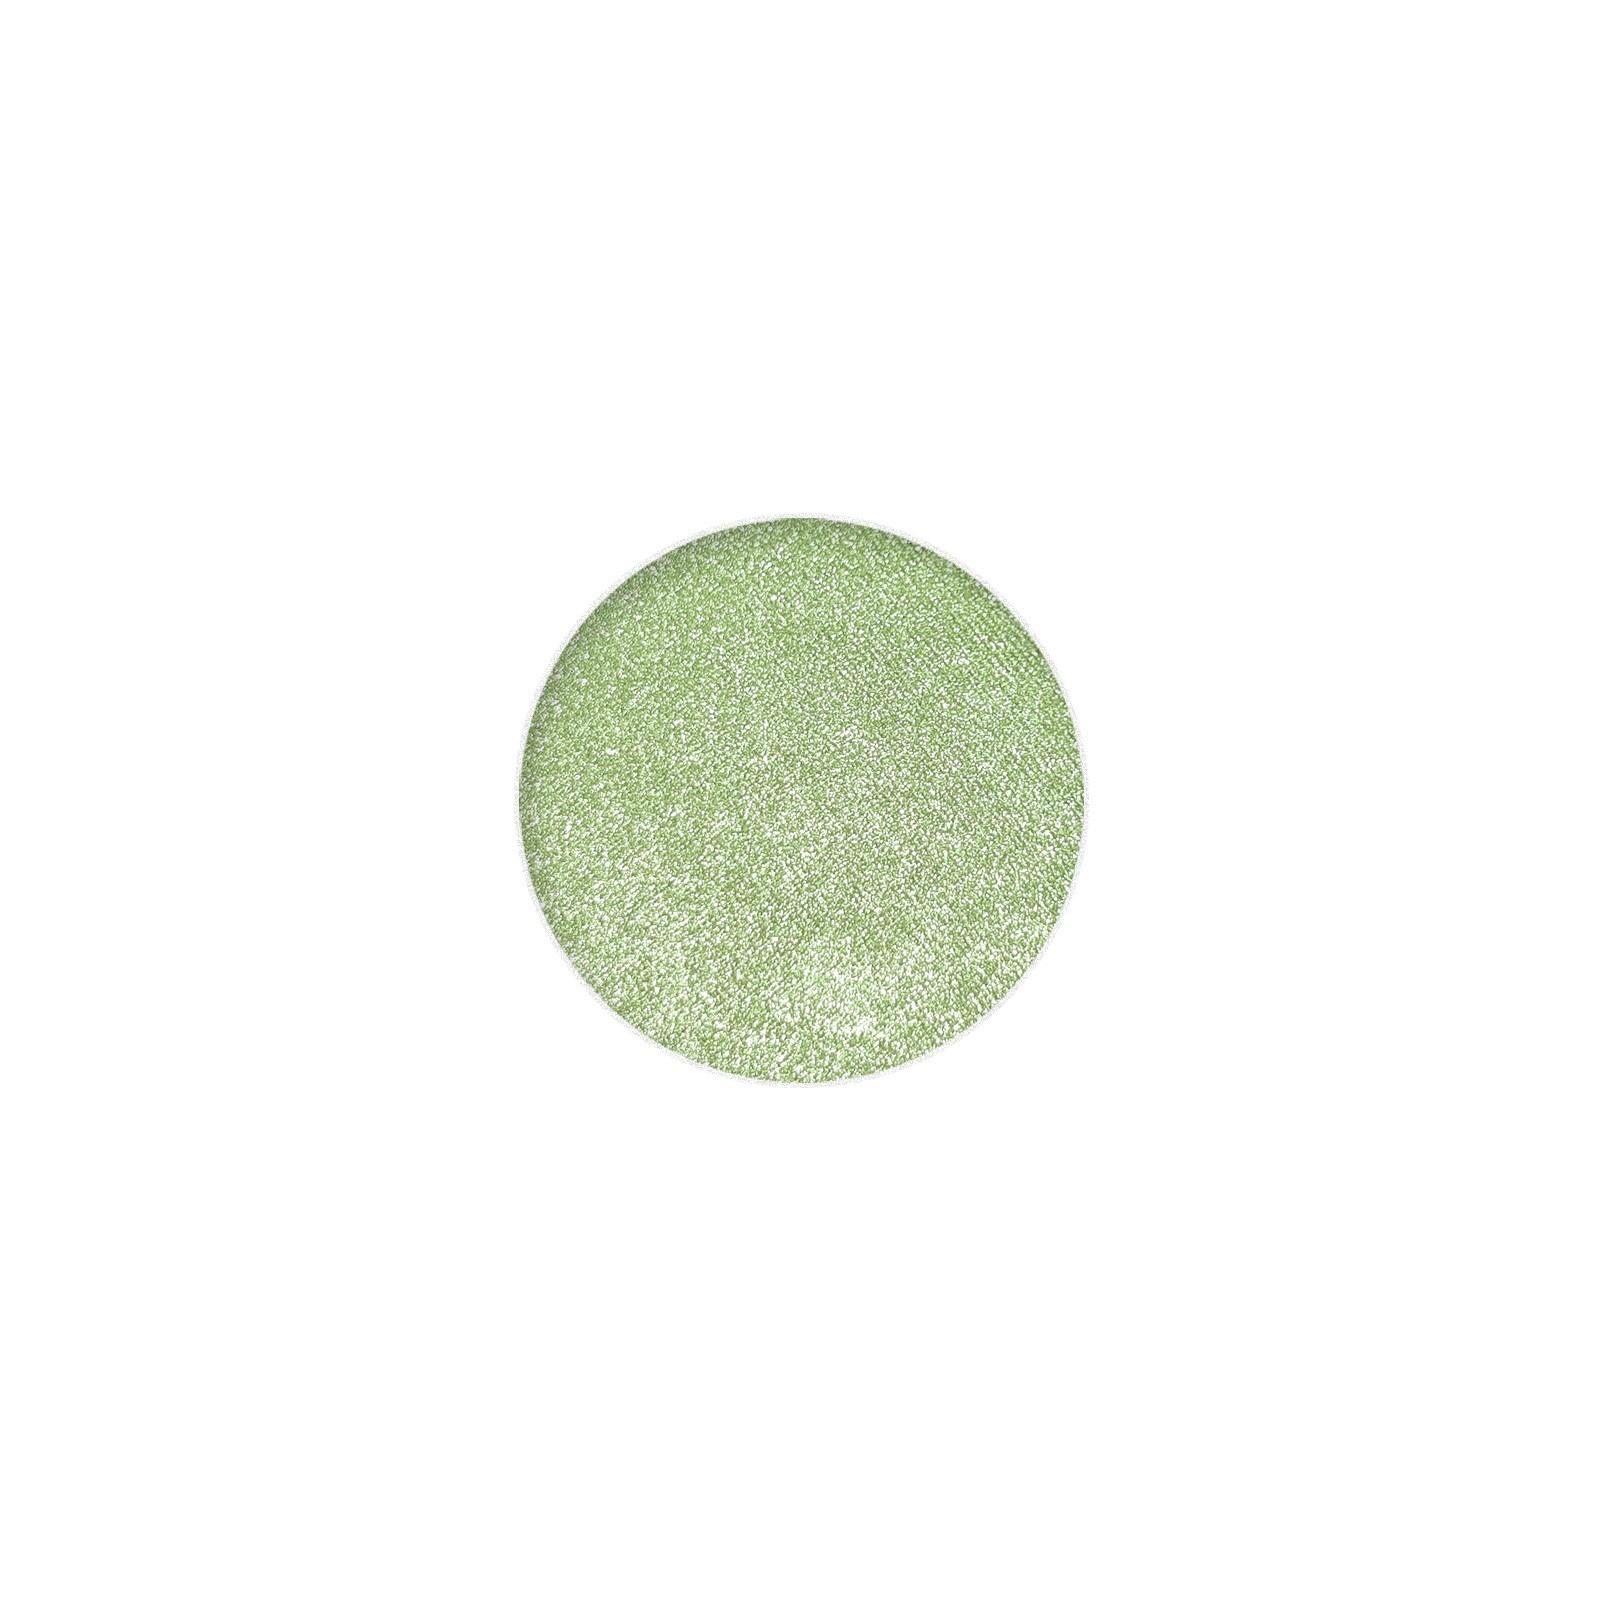 Sombra Mineral Unitária Refil 51